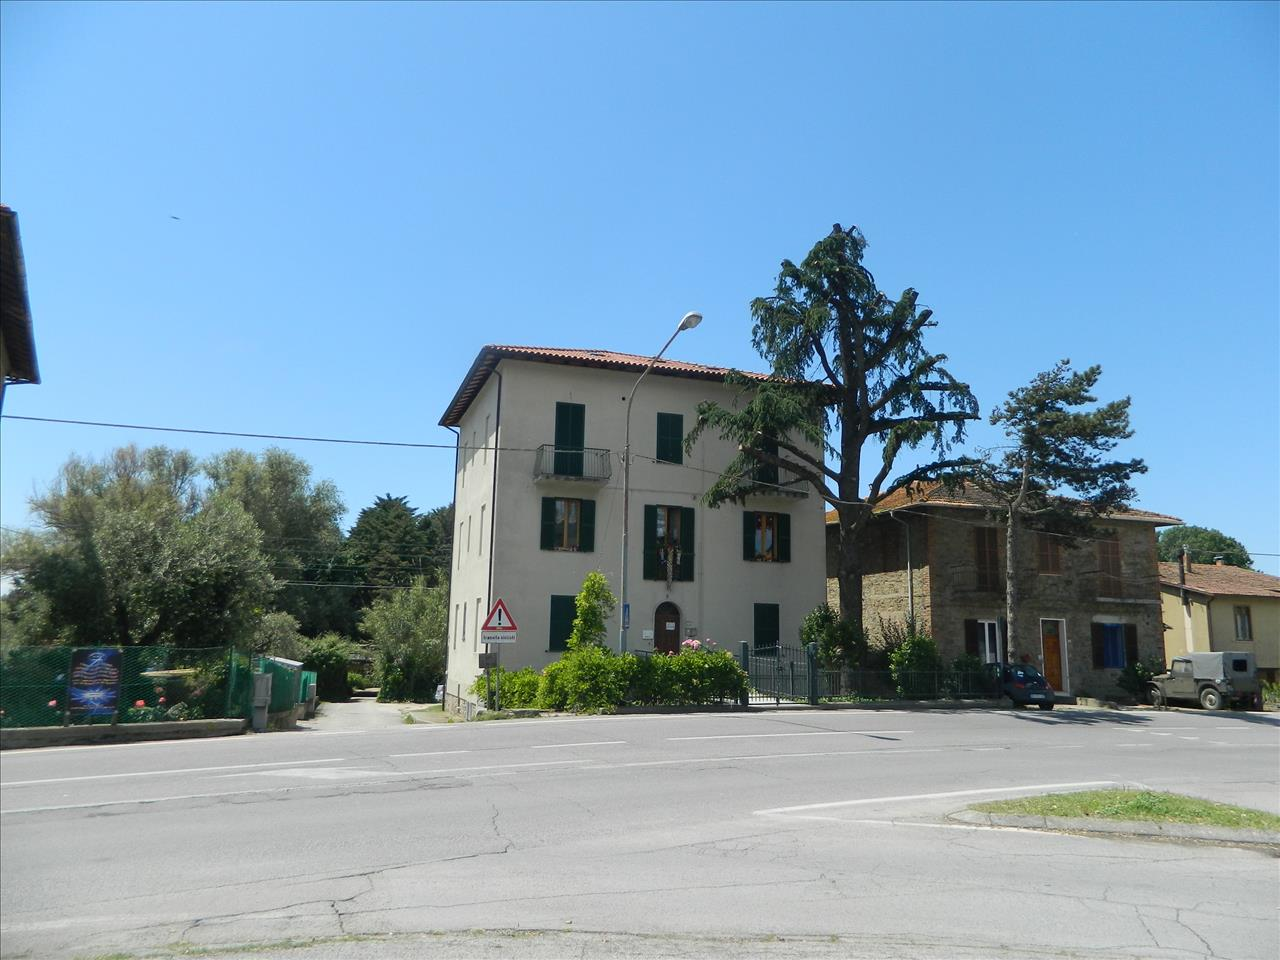 Appartamento in vendita a Passignano sul Trasimeno, 2 locali, prezzo € 110.000 | PortaleAgenzieImmobiliari.it